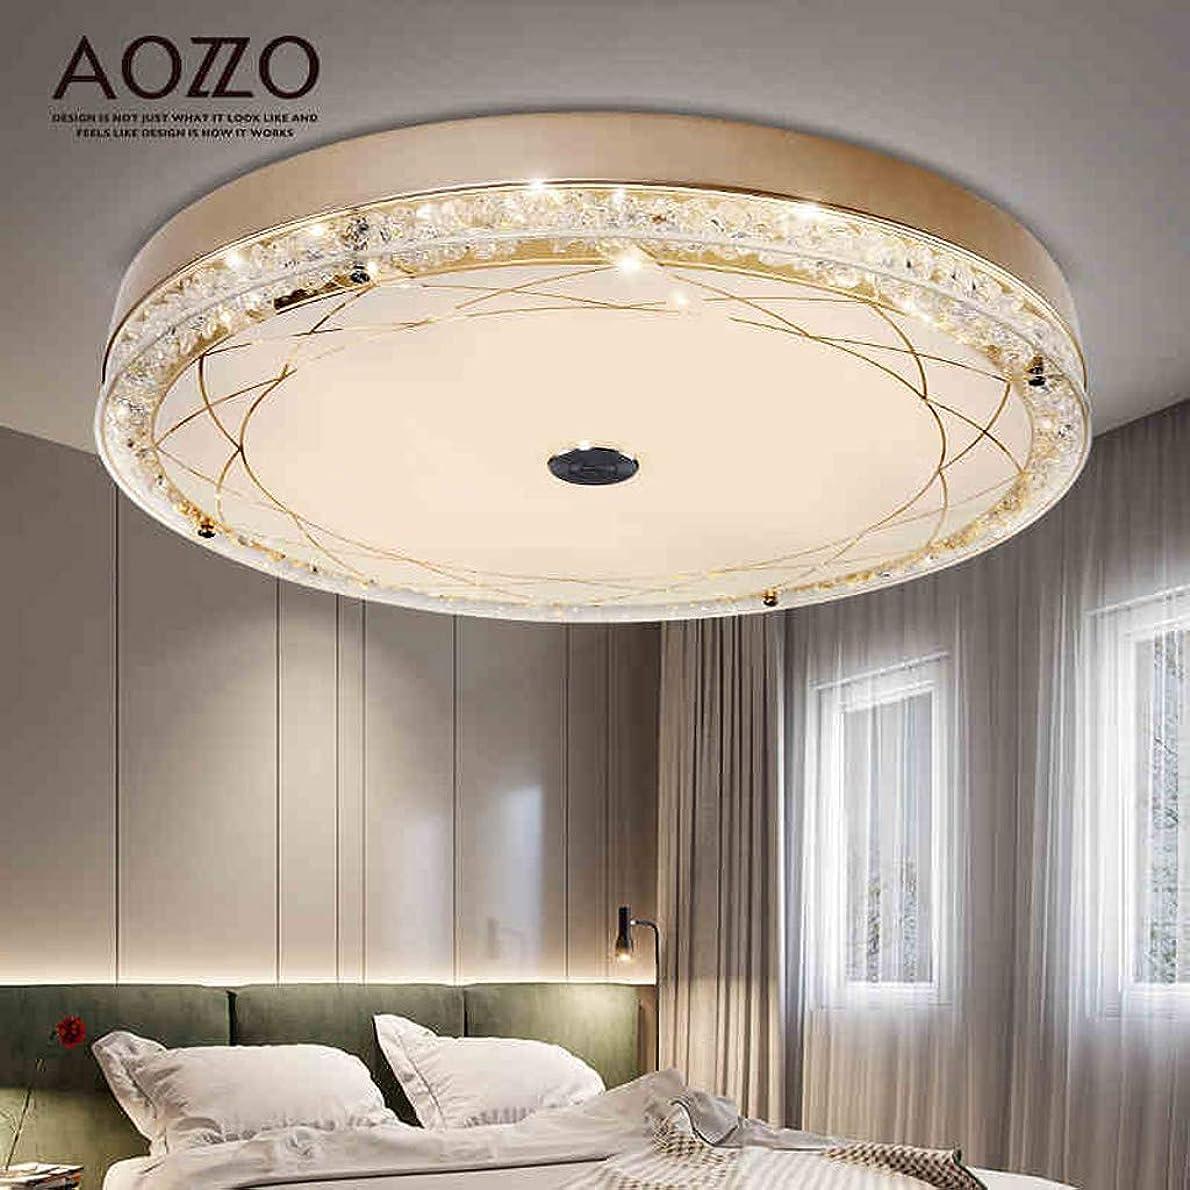 許容できる火薬信頼性のあるQY 光 クリスタルランプラウンドは、天井ランプのリビングルームの照明をシンプルでモダンな寝室のライト暖かくロマンチックな創造的な照明